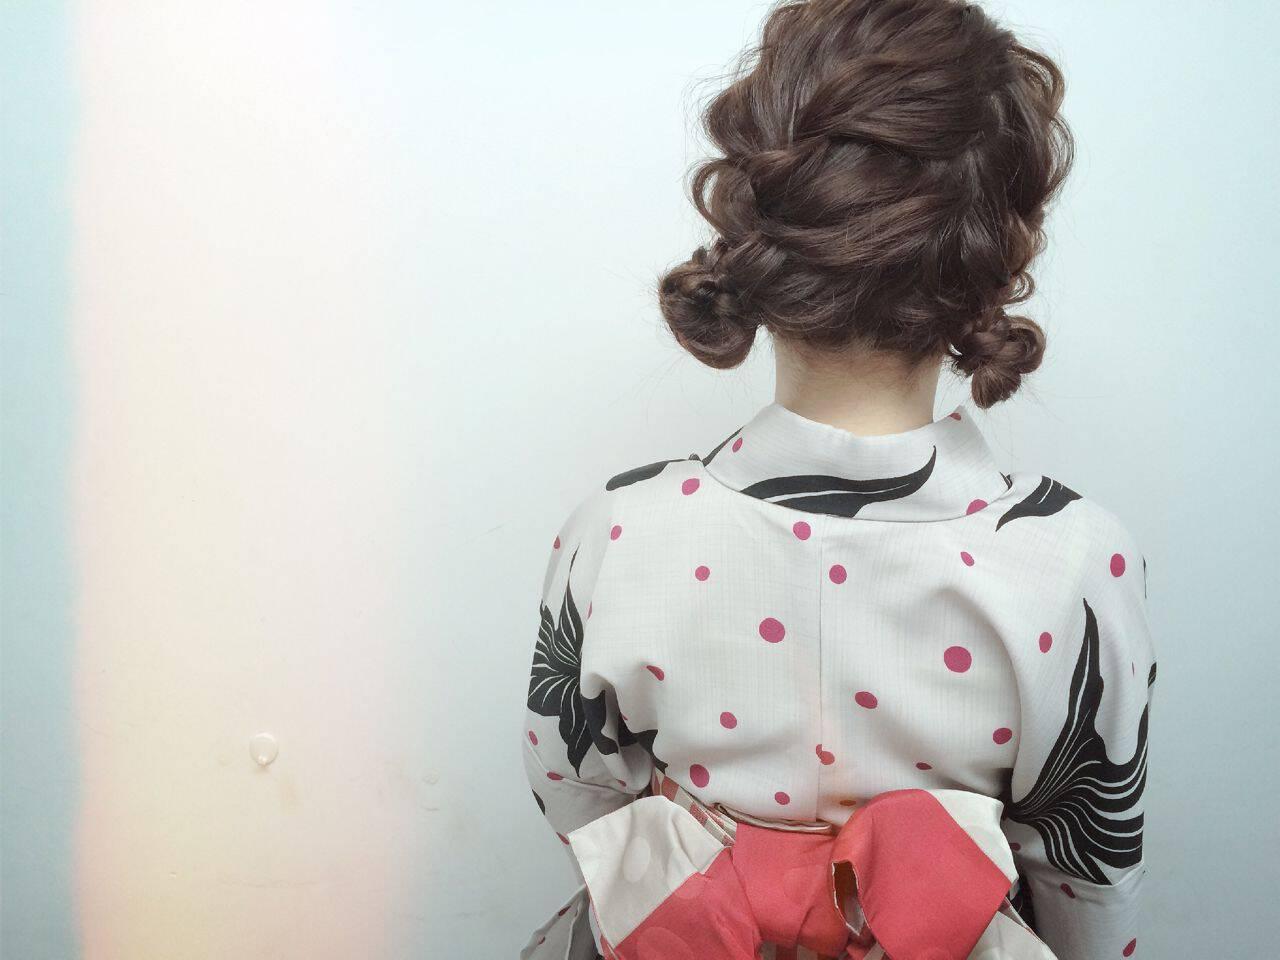 ヘアアレンジ 愛され モテ髪 和装ヘアスタイルや髪型の写真・画像